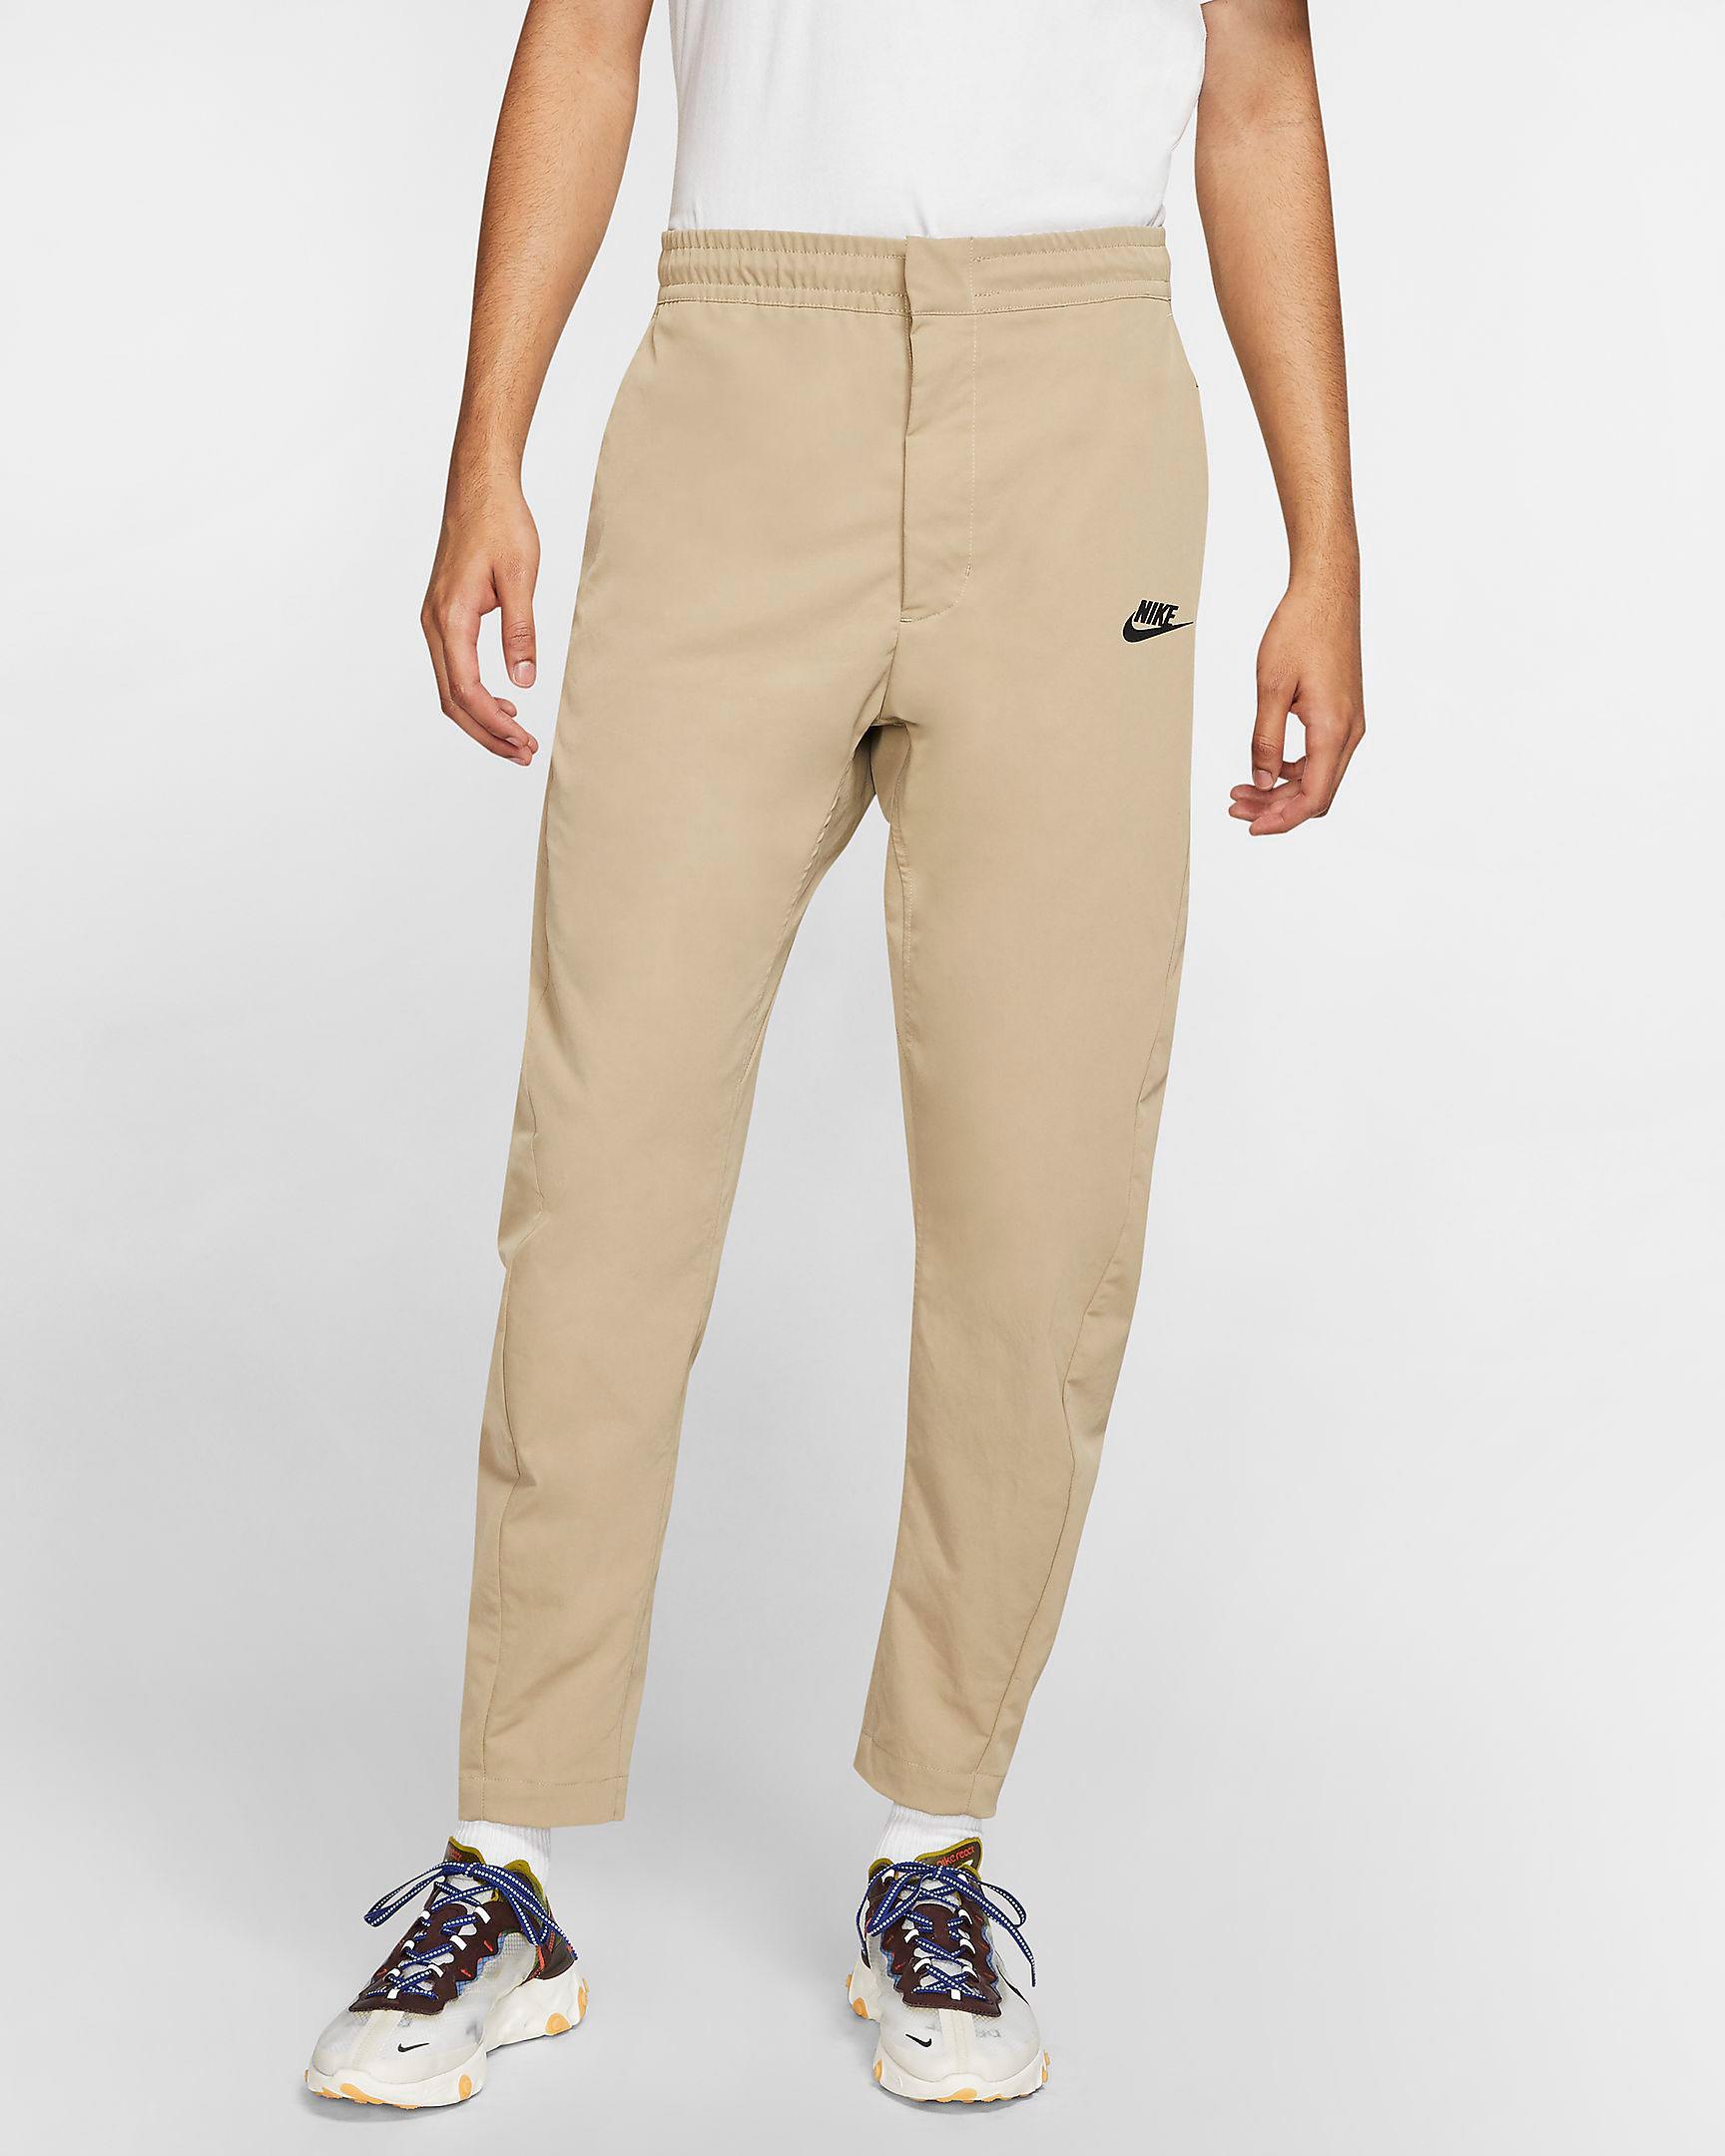 nike-sportswear-khaki-pants